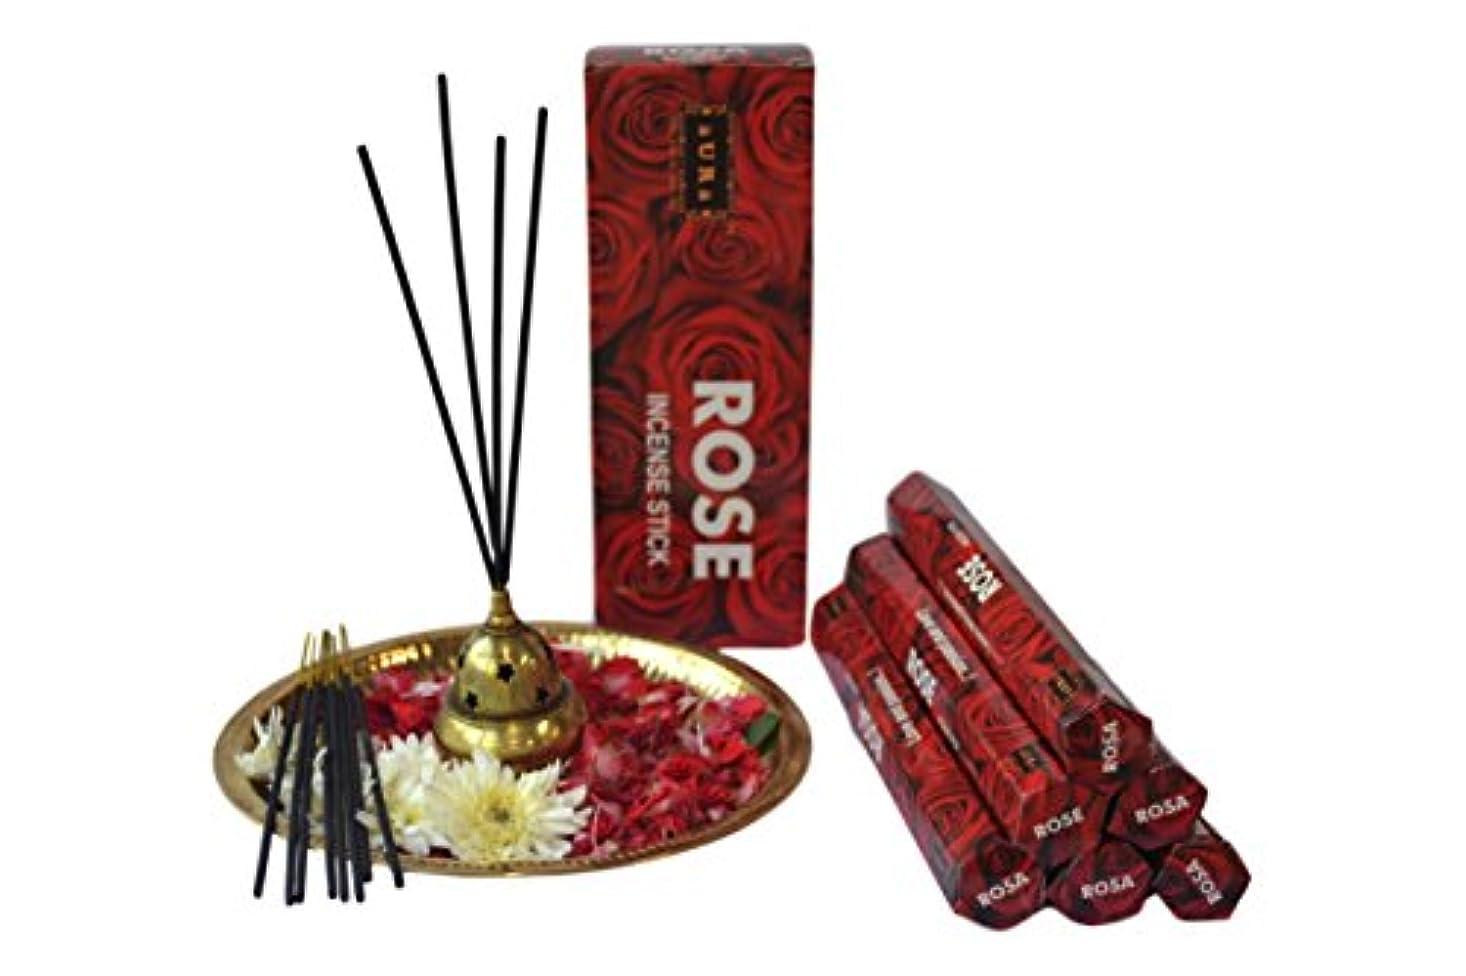 履歴書真剣に残酷なオーラローズ香りつきIncense Sticks、プレミアム天然Incense Sticks Hexagonal Packing – 120 Sticks